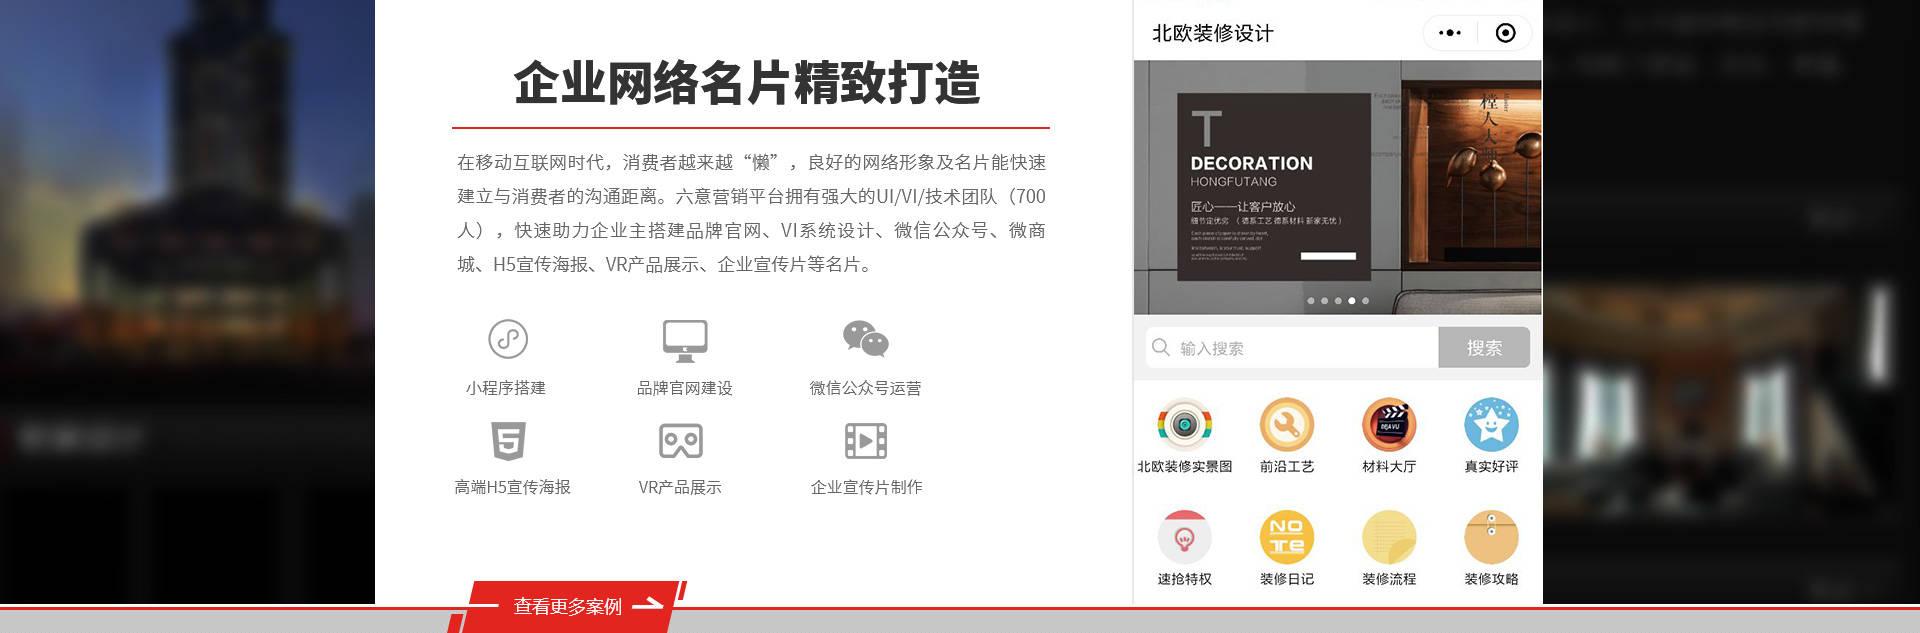 六意科技是专门做佛山推广营销外包的网络公司